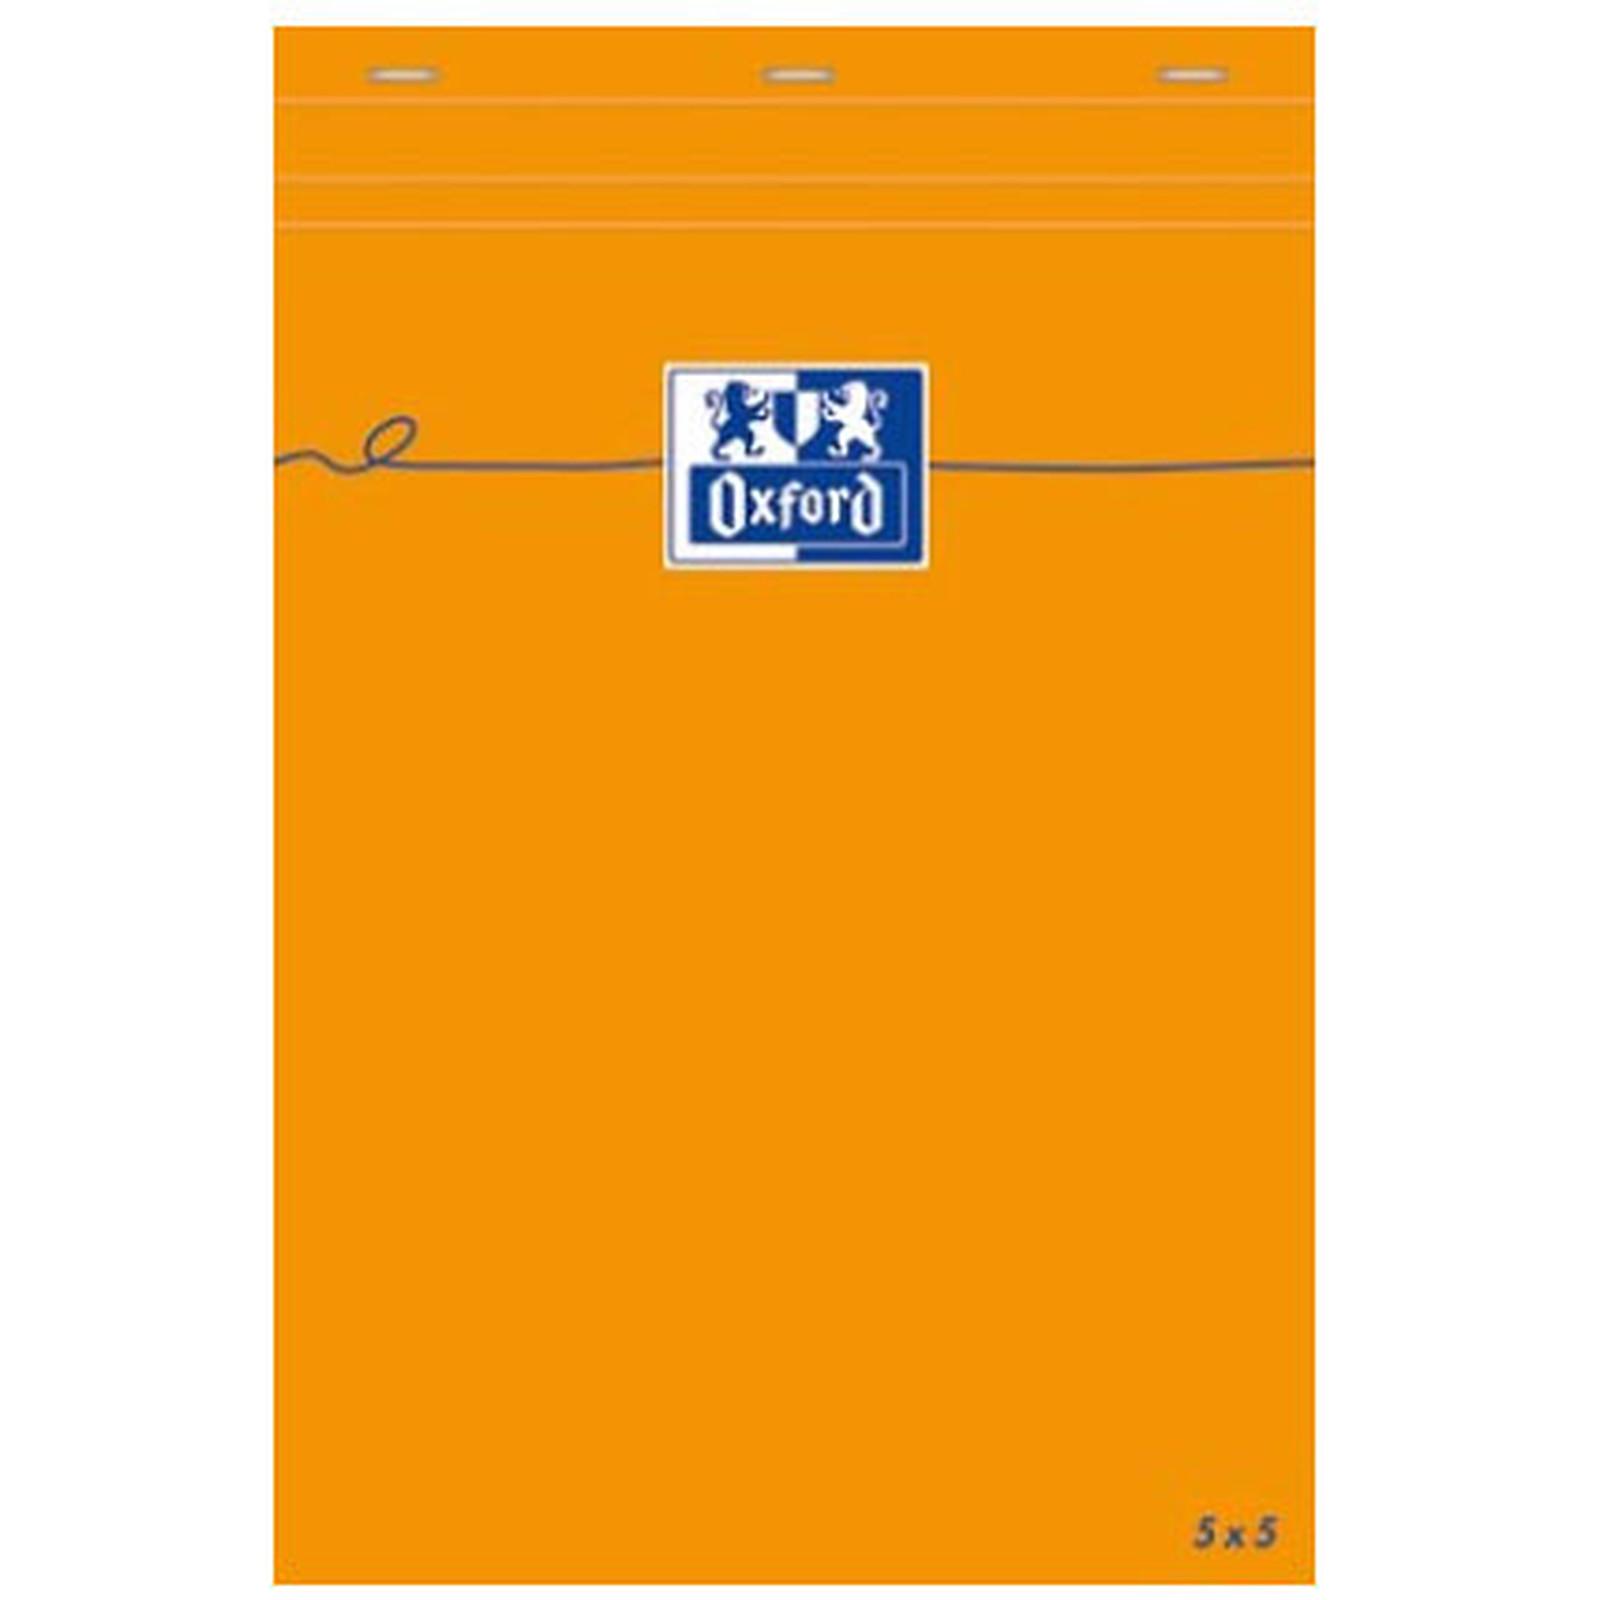 Oxford Bloc Bureau 14.8 x 21 quadrillé 5 x 5 80 pages